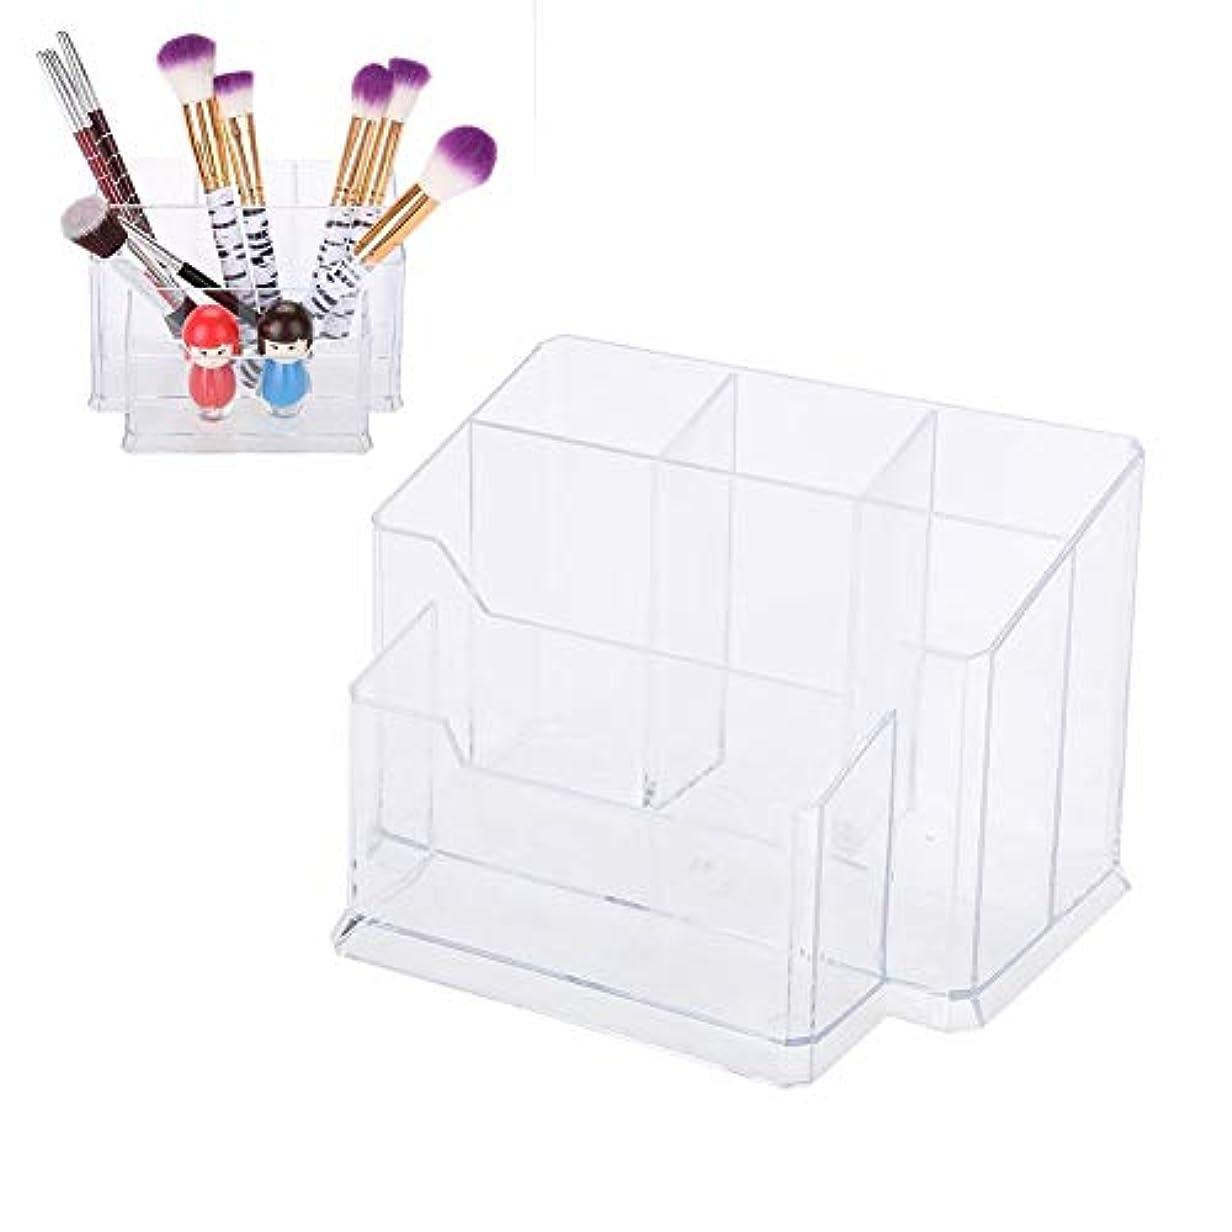 かかわらず詩同意する化粧ブラシ収納ボックス アクリル製 コスメ収納 スタンド 口紅 リップ 小物入れ 透明